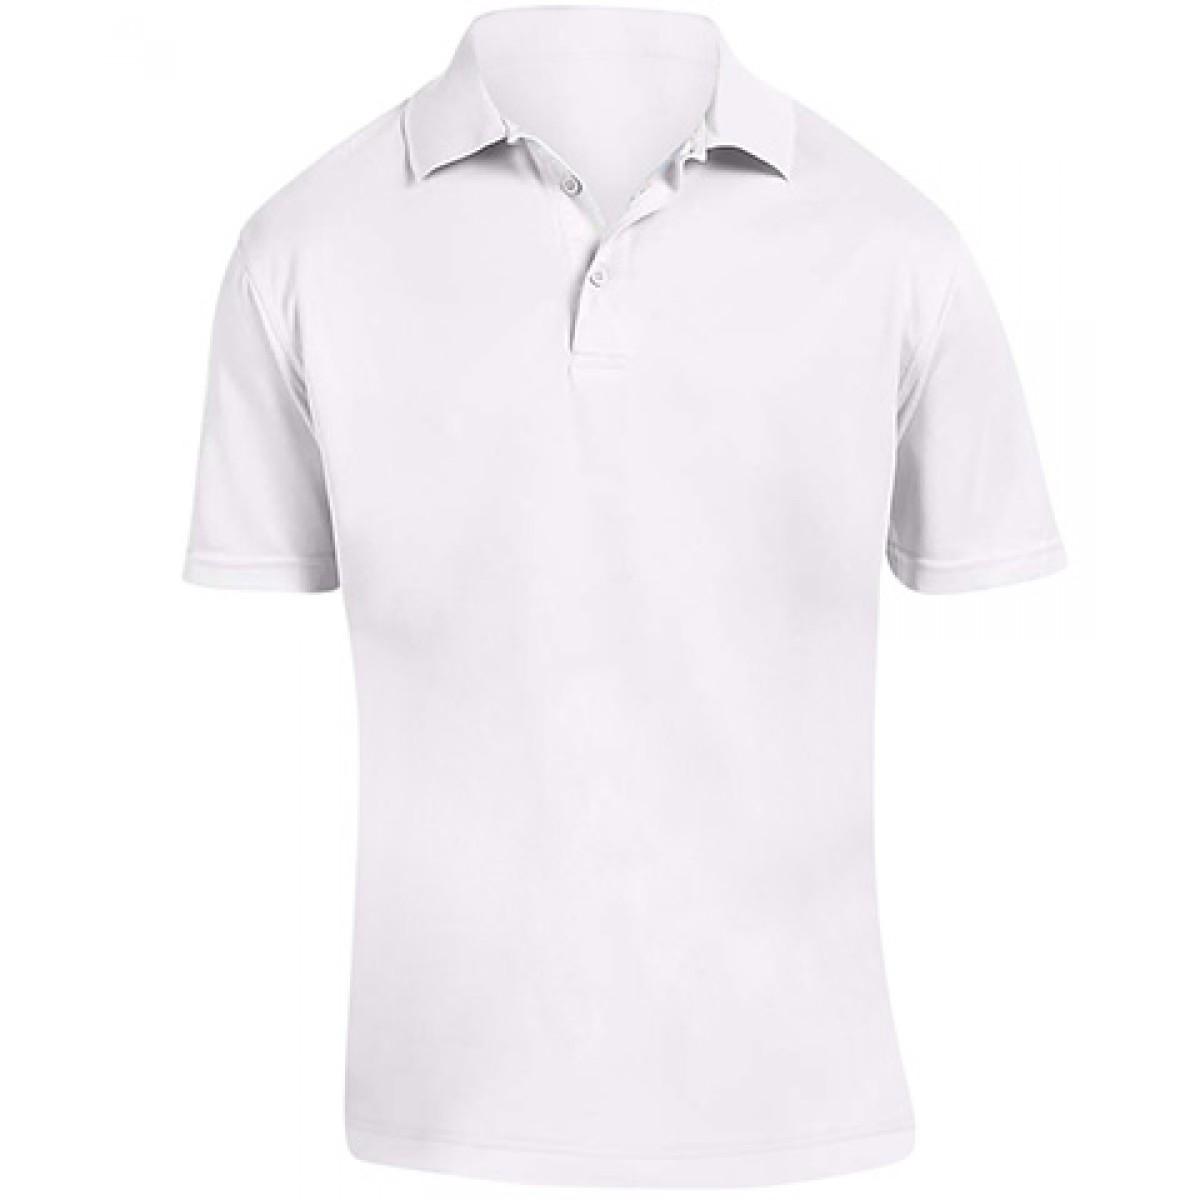 Men's 4 oz. Polytech Polo-White-4XL